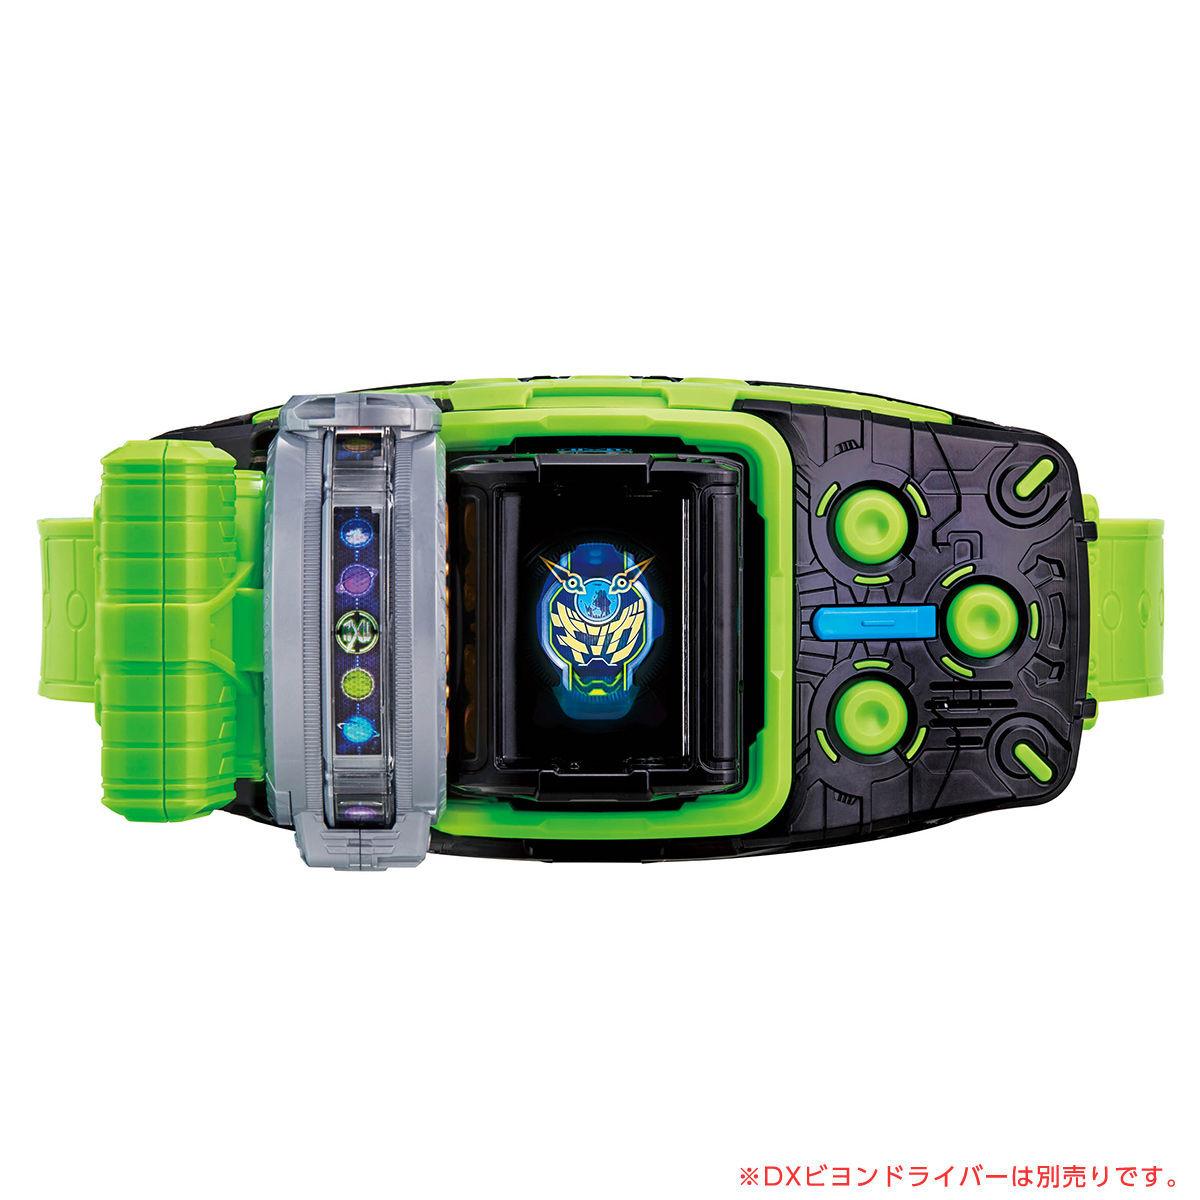 ライドウォッチ『DXギンガミライドウォッチ』仮面ライダージオウ 変身なりきり-003